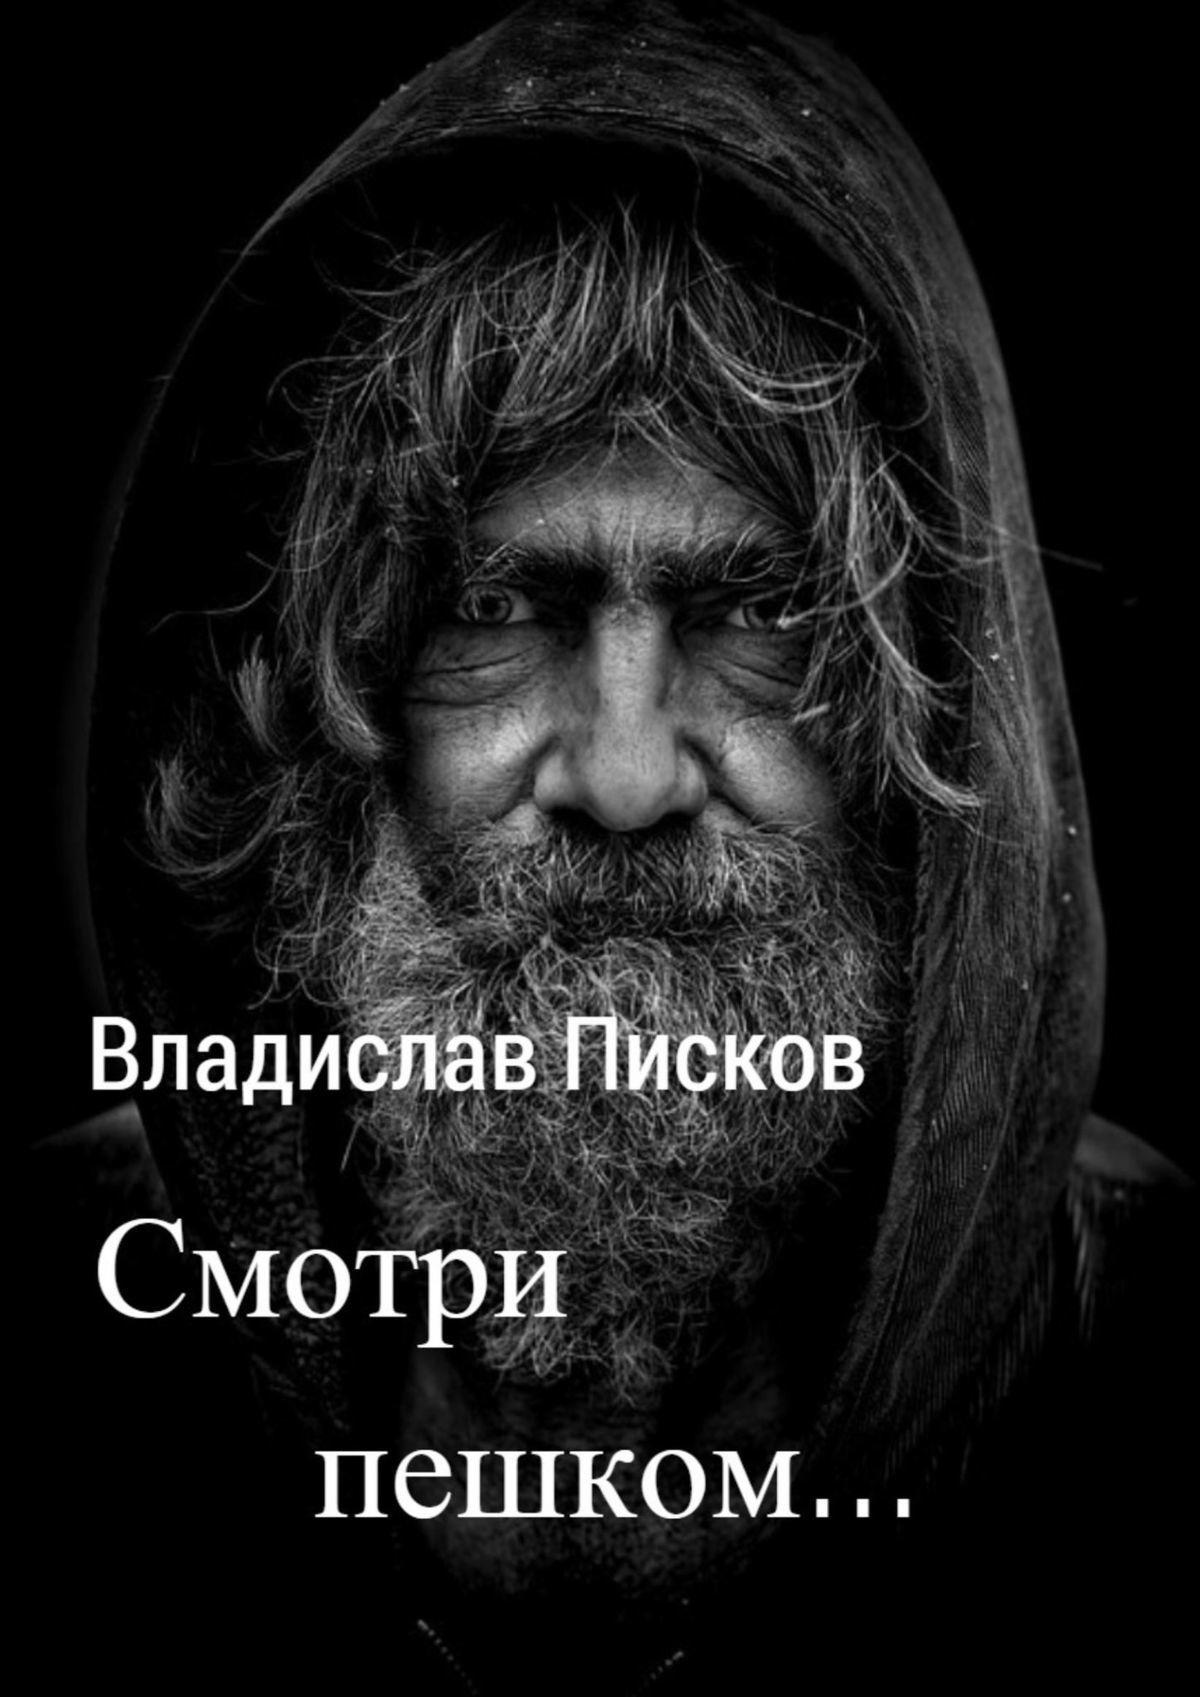 Владислав Писков Смотри пешком…